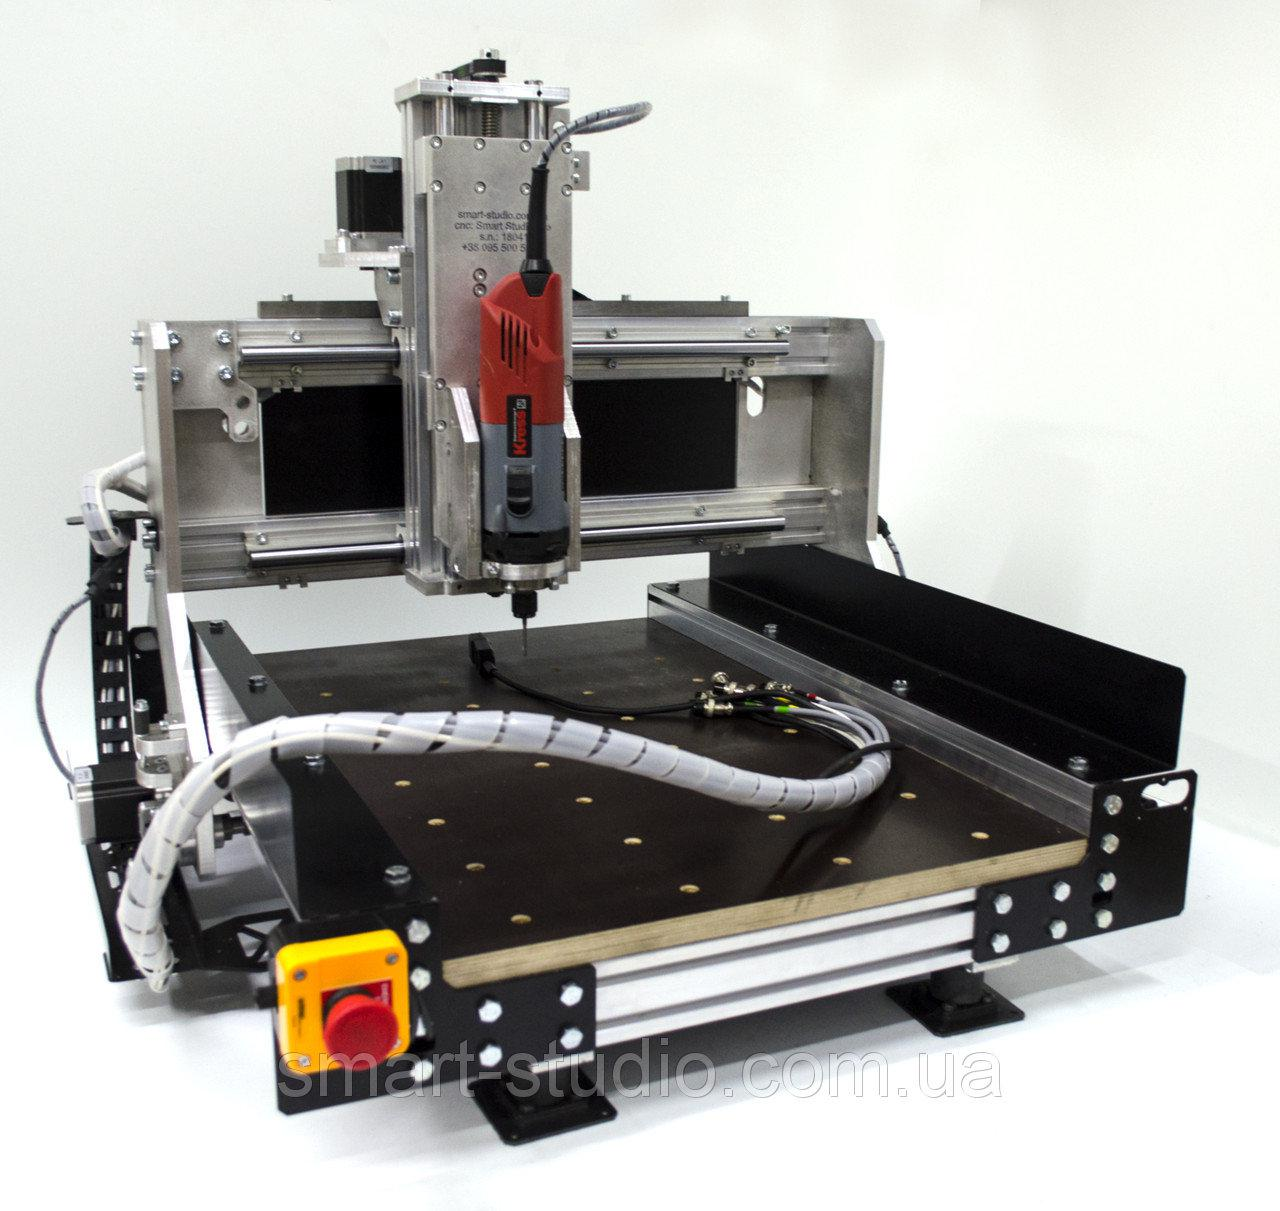 Фрезерный станок с ЧПУ SmartStudio PRO 600x900